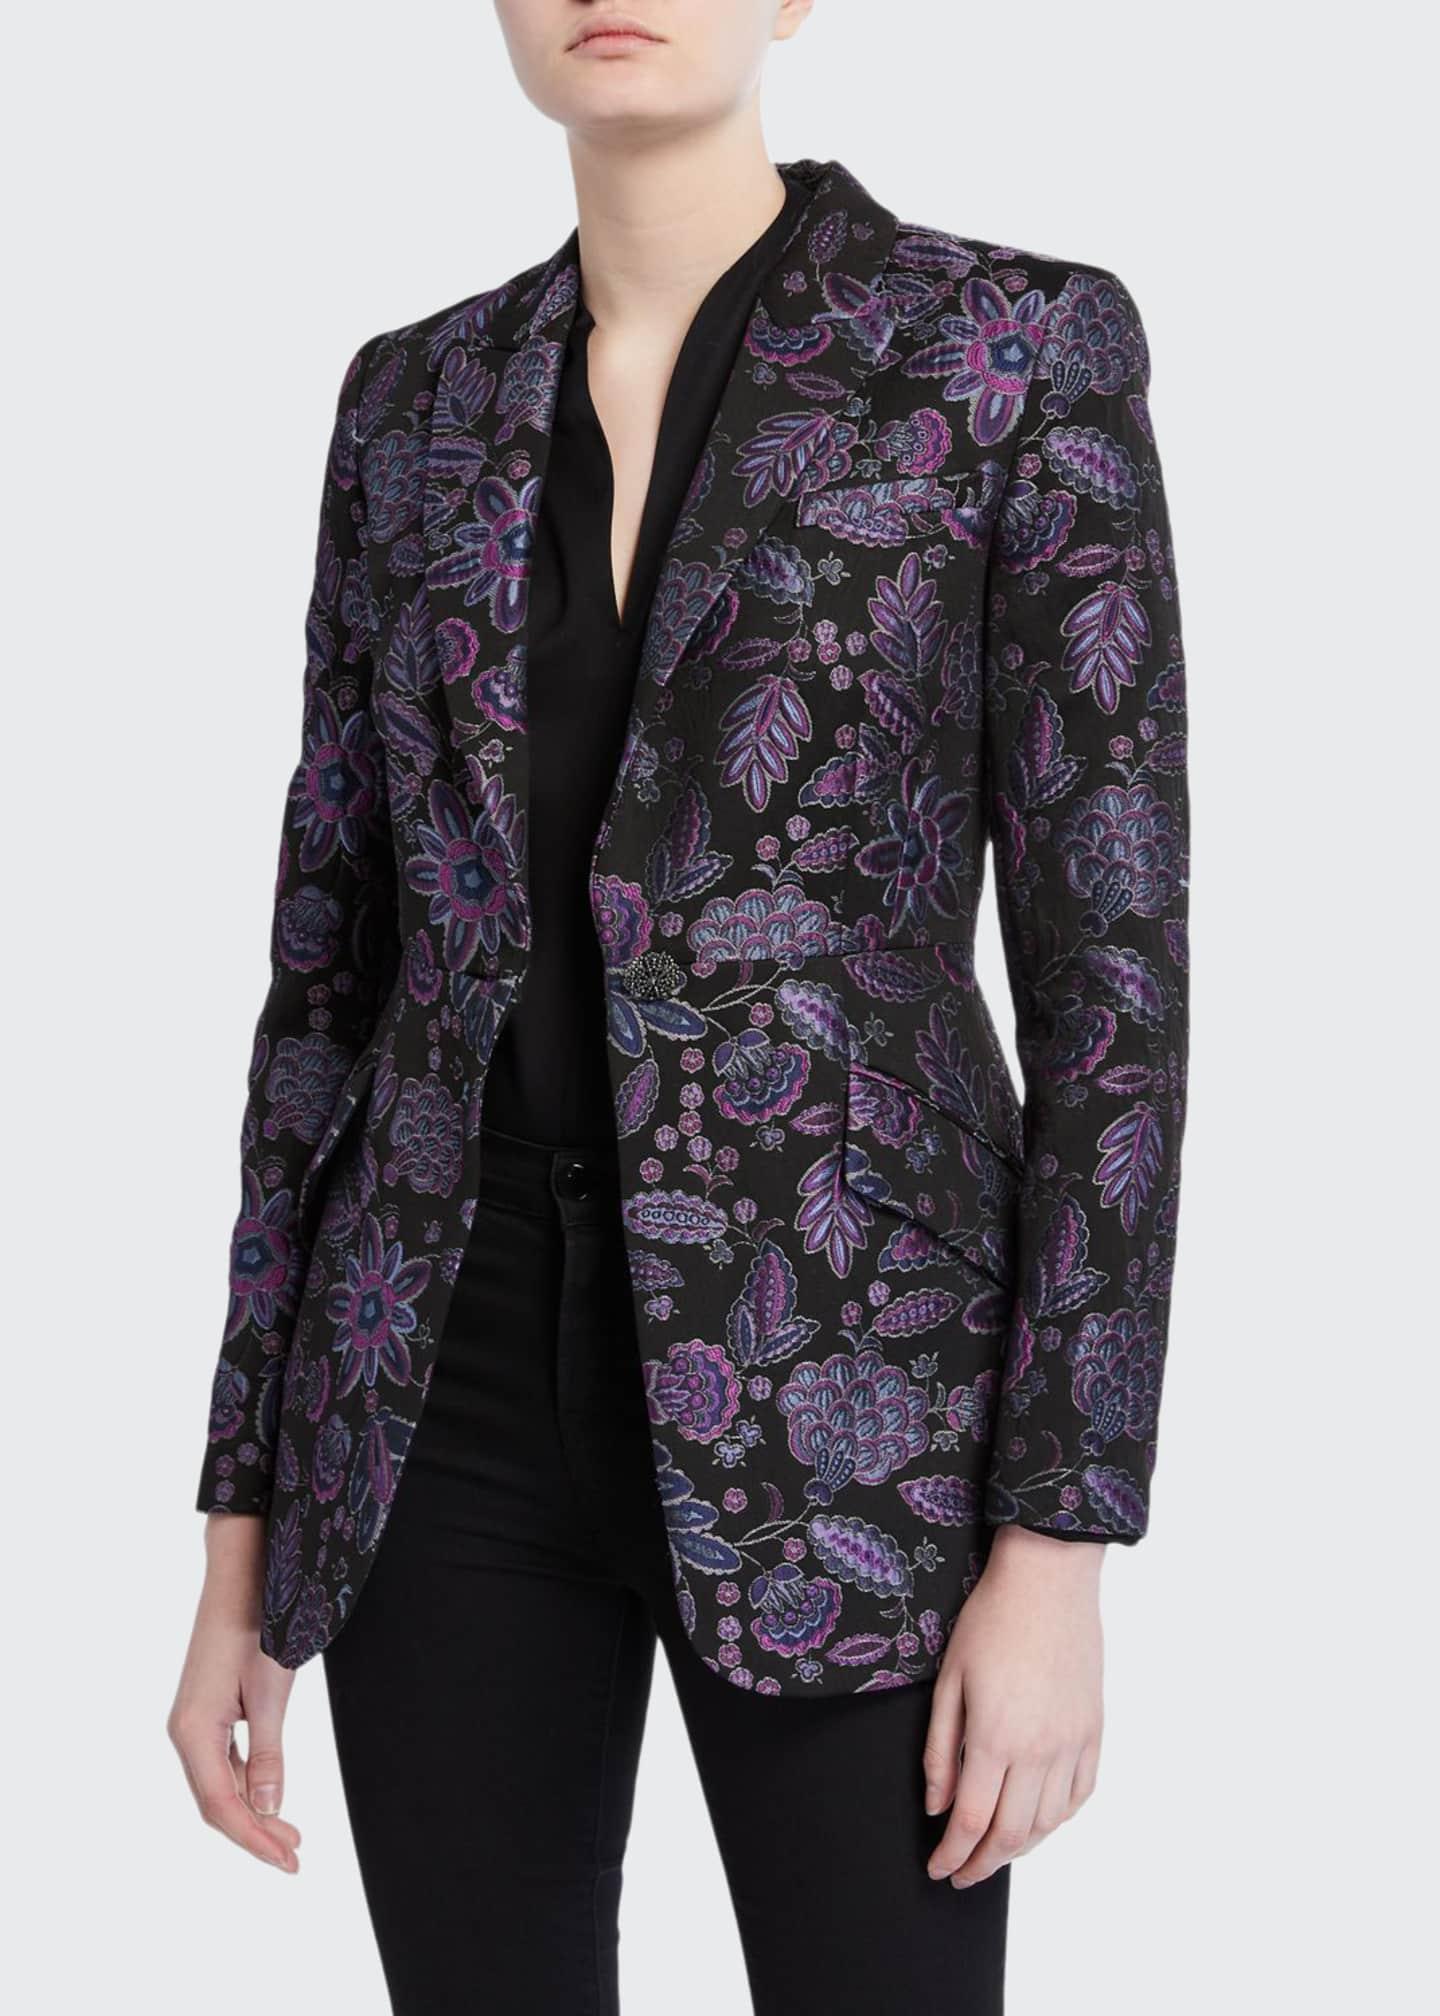 Elie Tahari Madison Floral Embroidered Jacket